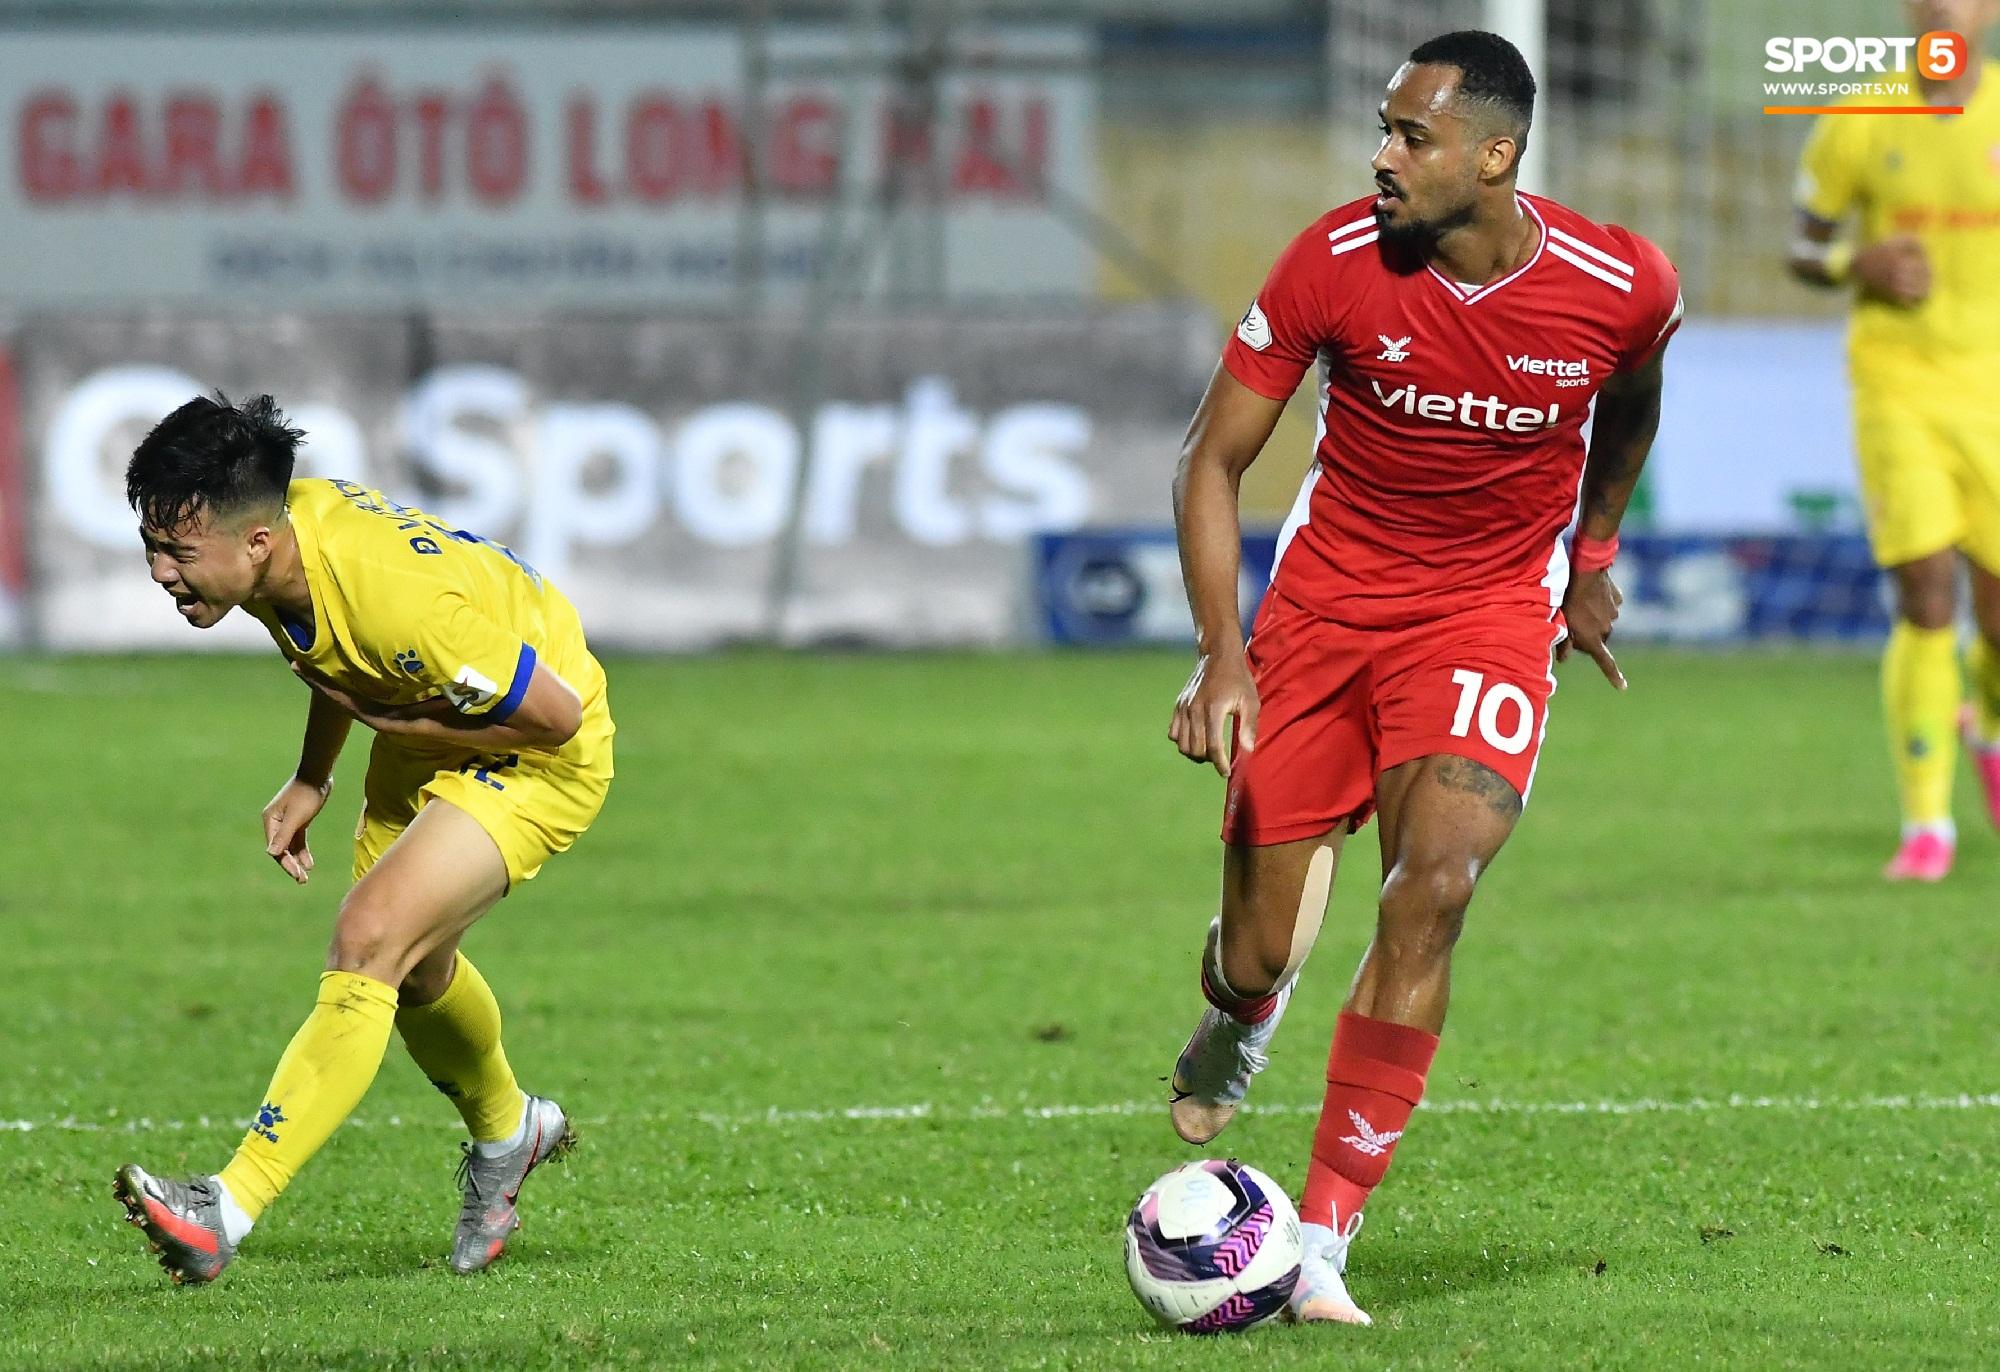 """""""Liên hoàn cùi chỏ"""" của ngoại binh Viettel FC khiến hai cầu thủ Nam Định nhăn nhó - Ảnh 3."""